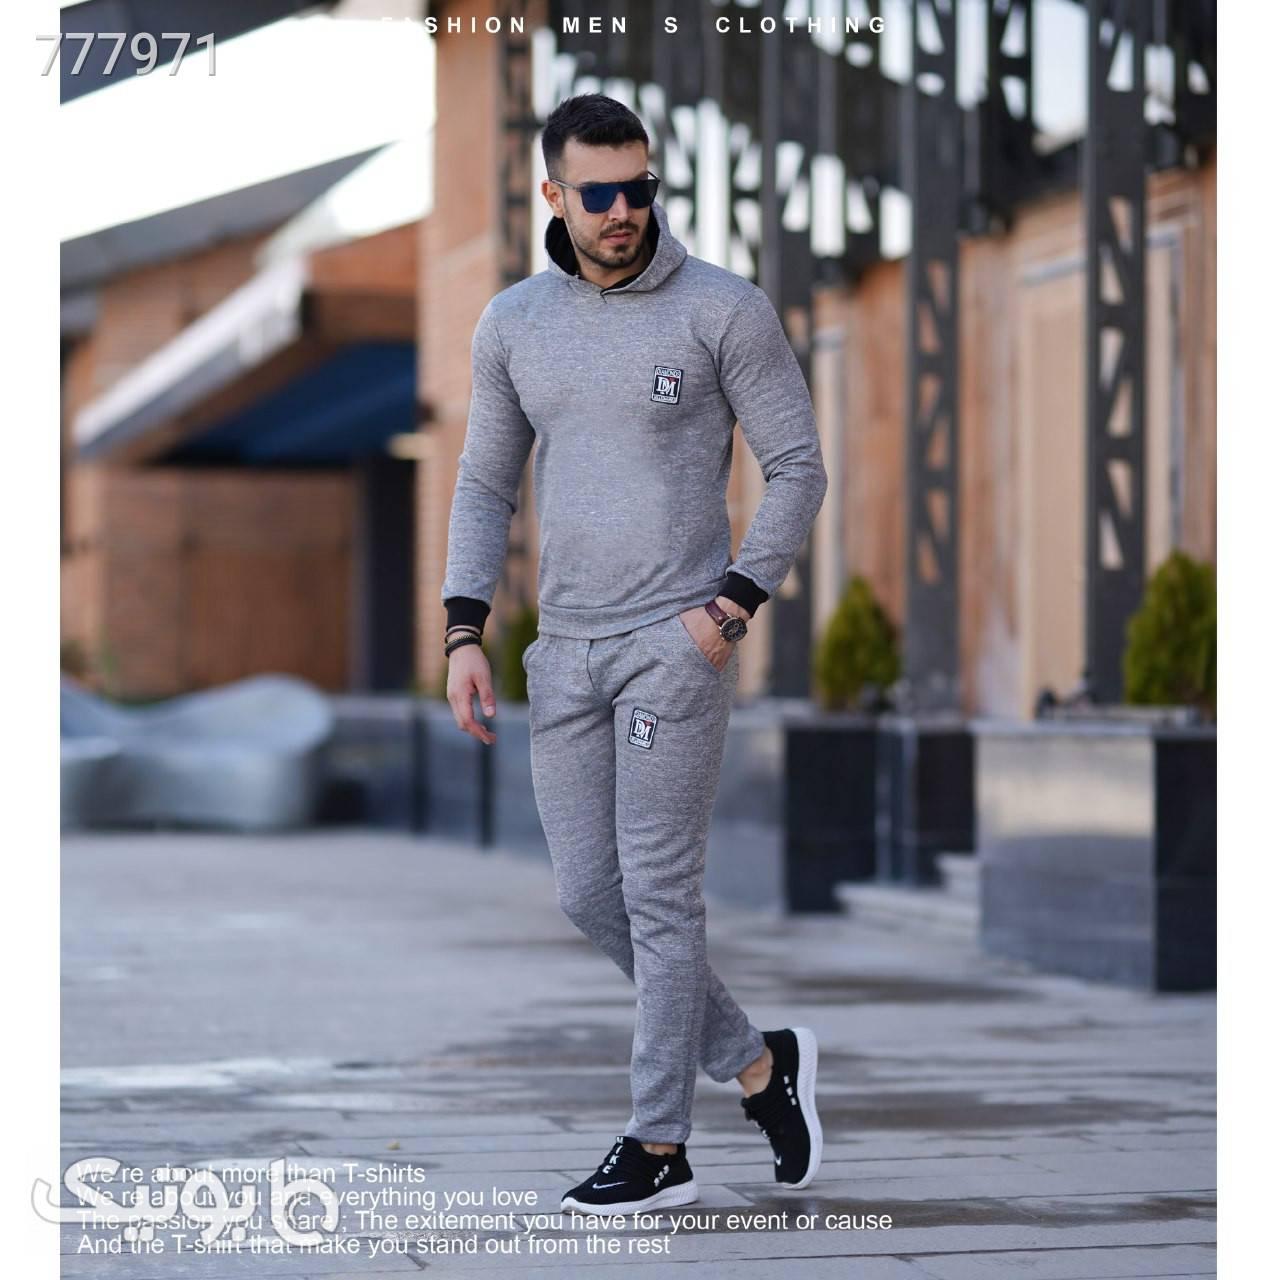 ست سوییشرت و شلوار fox سورمه ای ست ورزشی مردانه